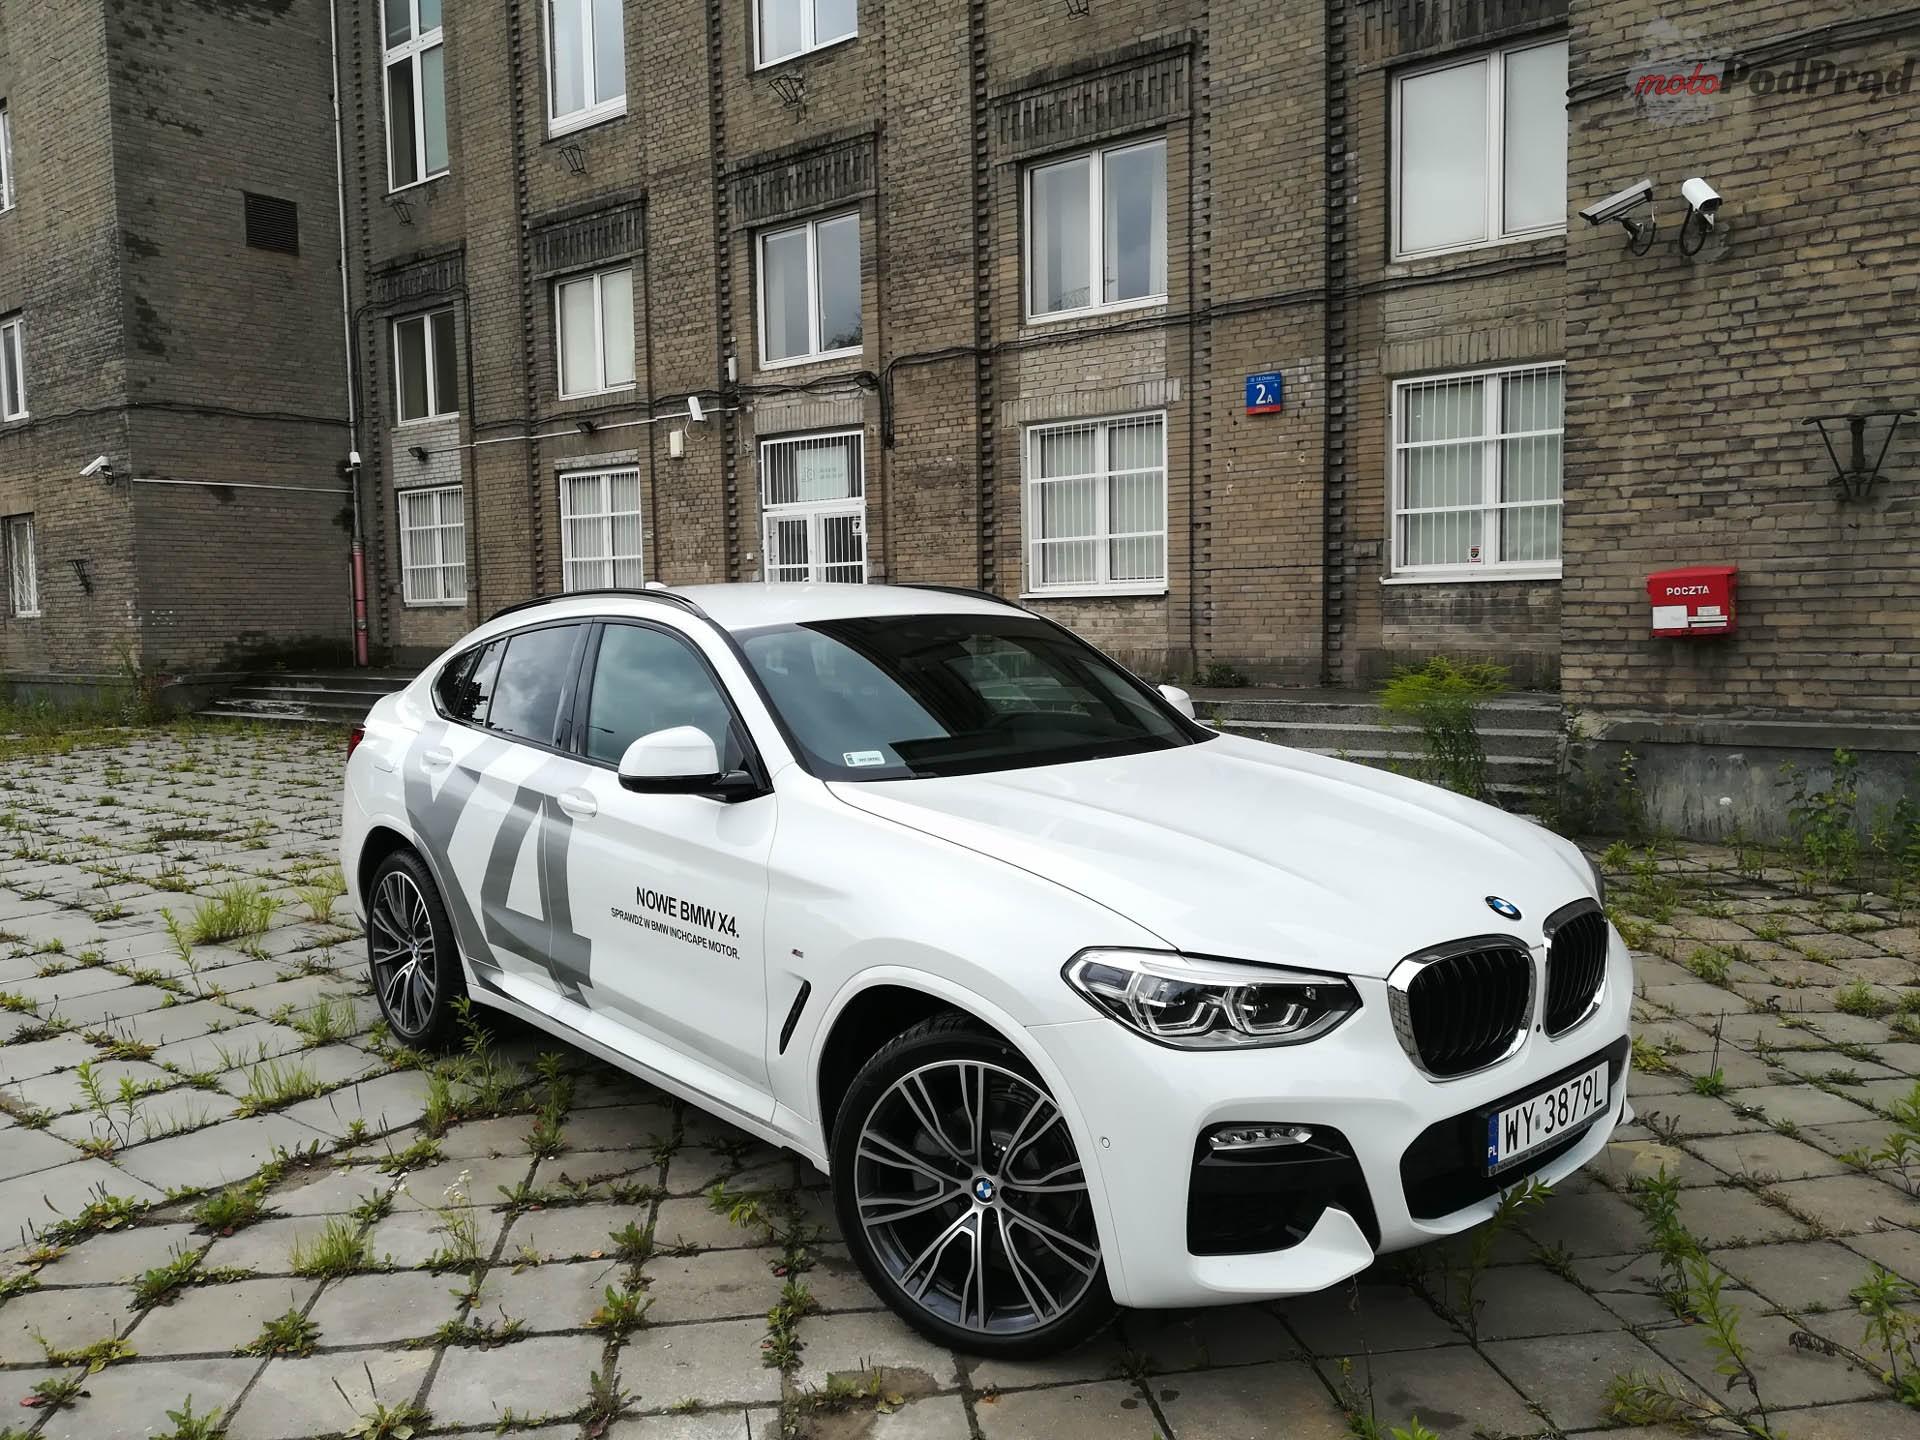 BMW X4 3 Nowe BMW X4, czyli krok w dobrą stronę